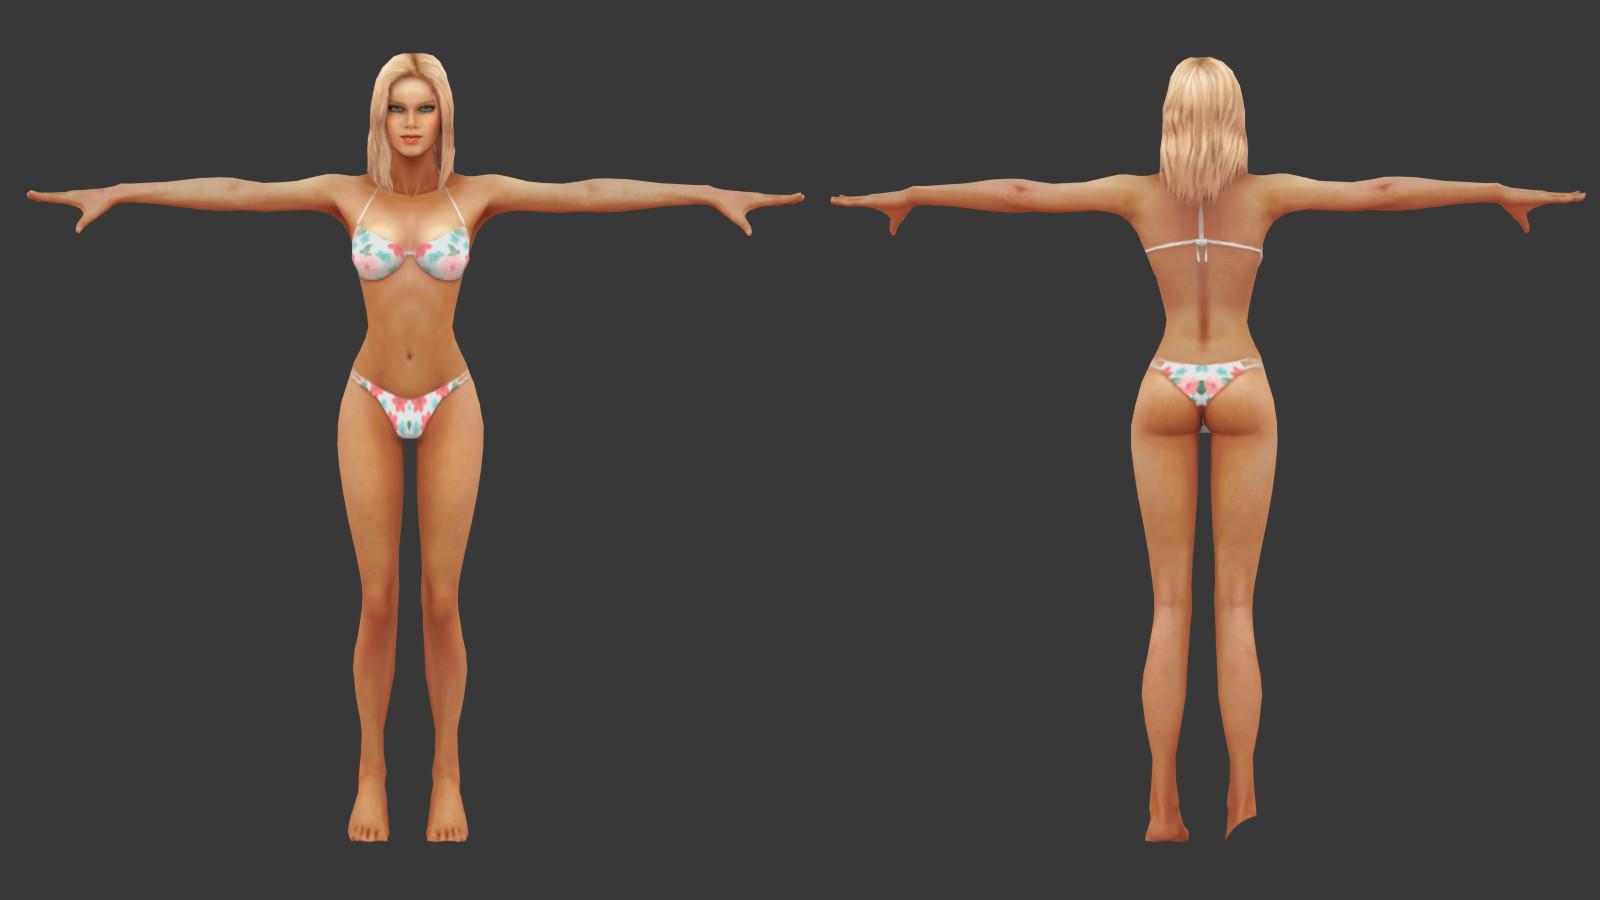 Oziel leal salinas tanned bikini woman